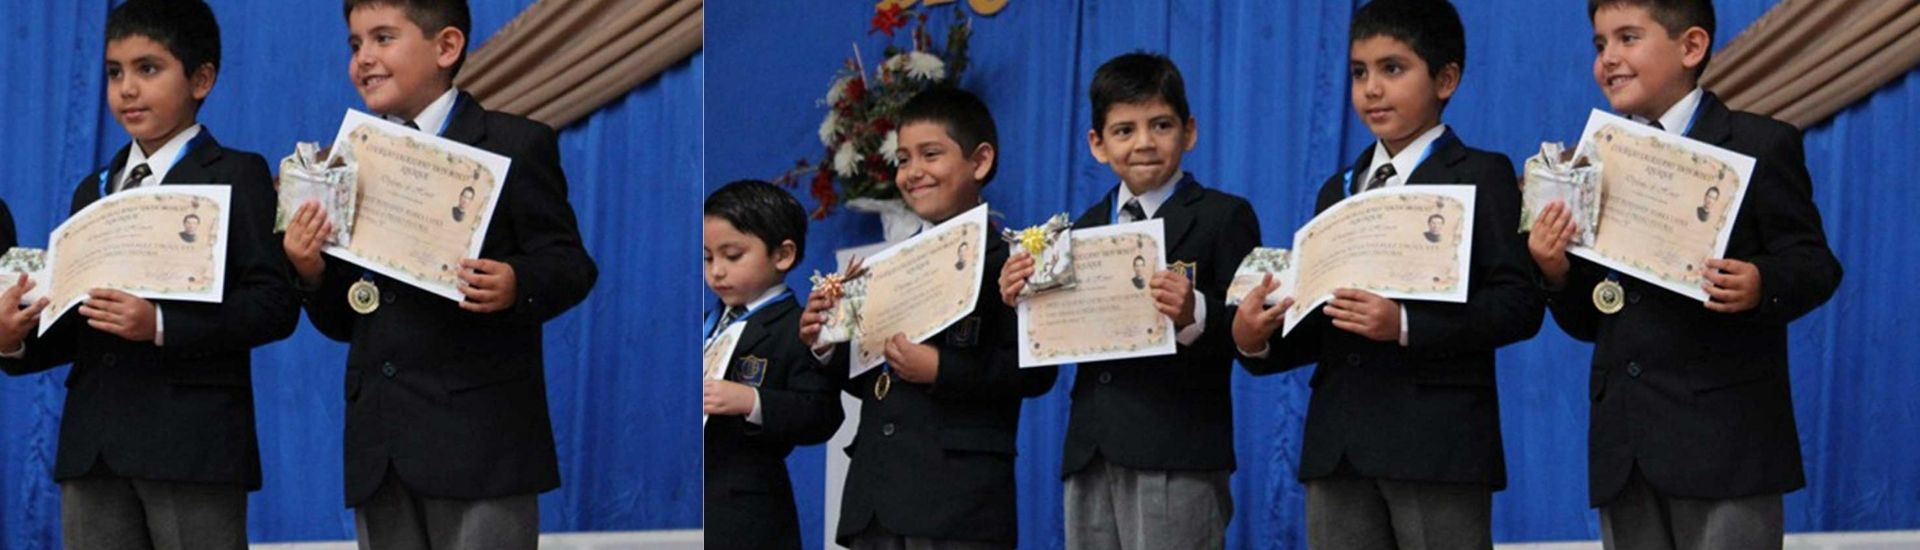 Premiación estudiantes